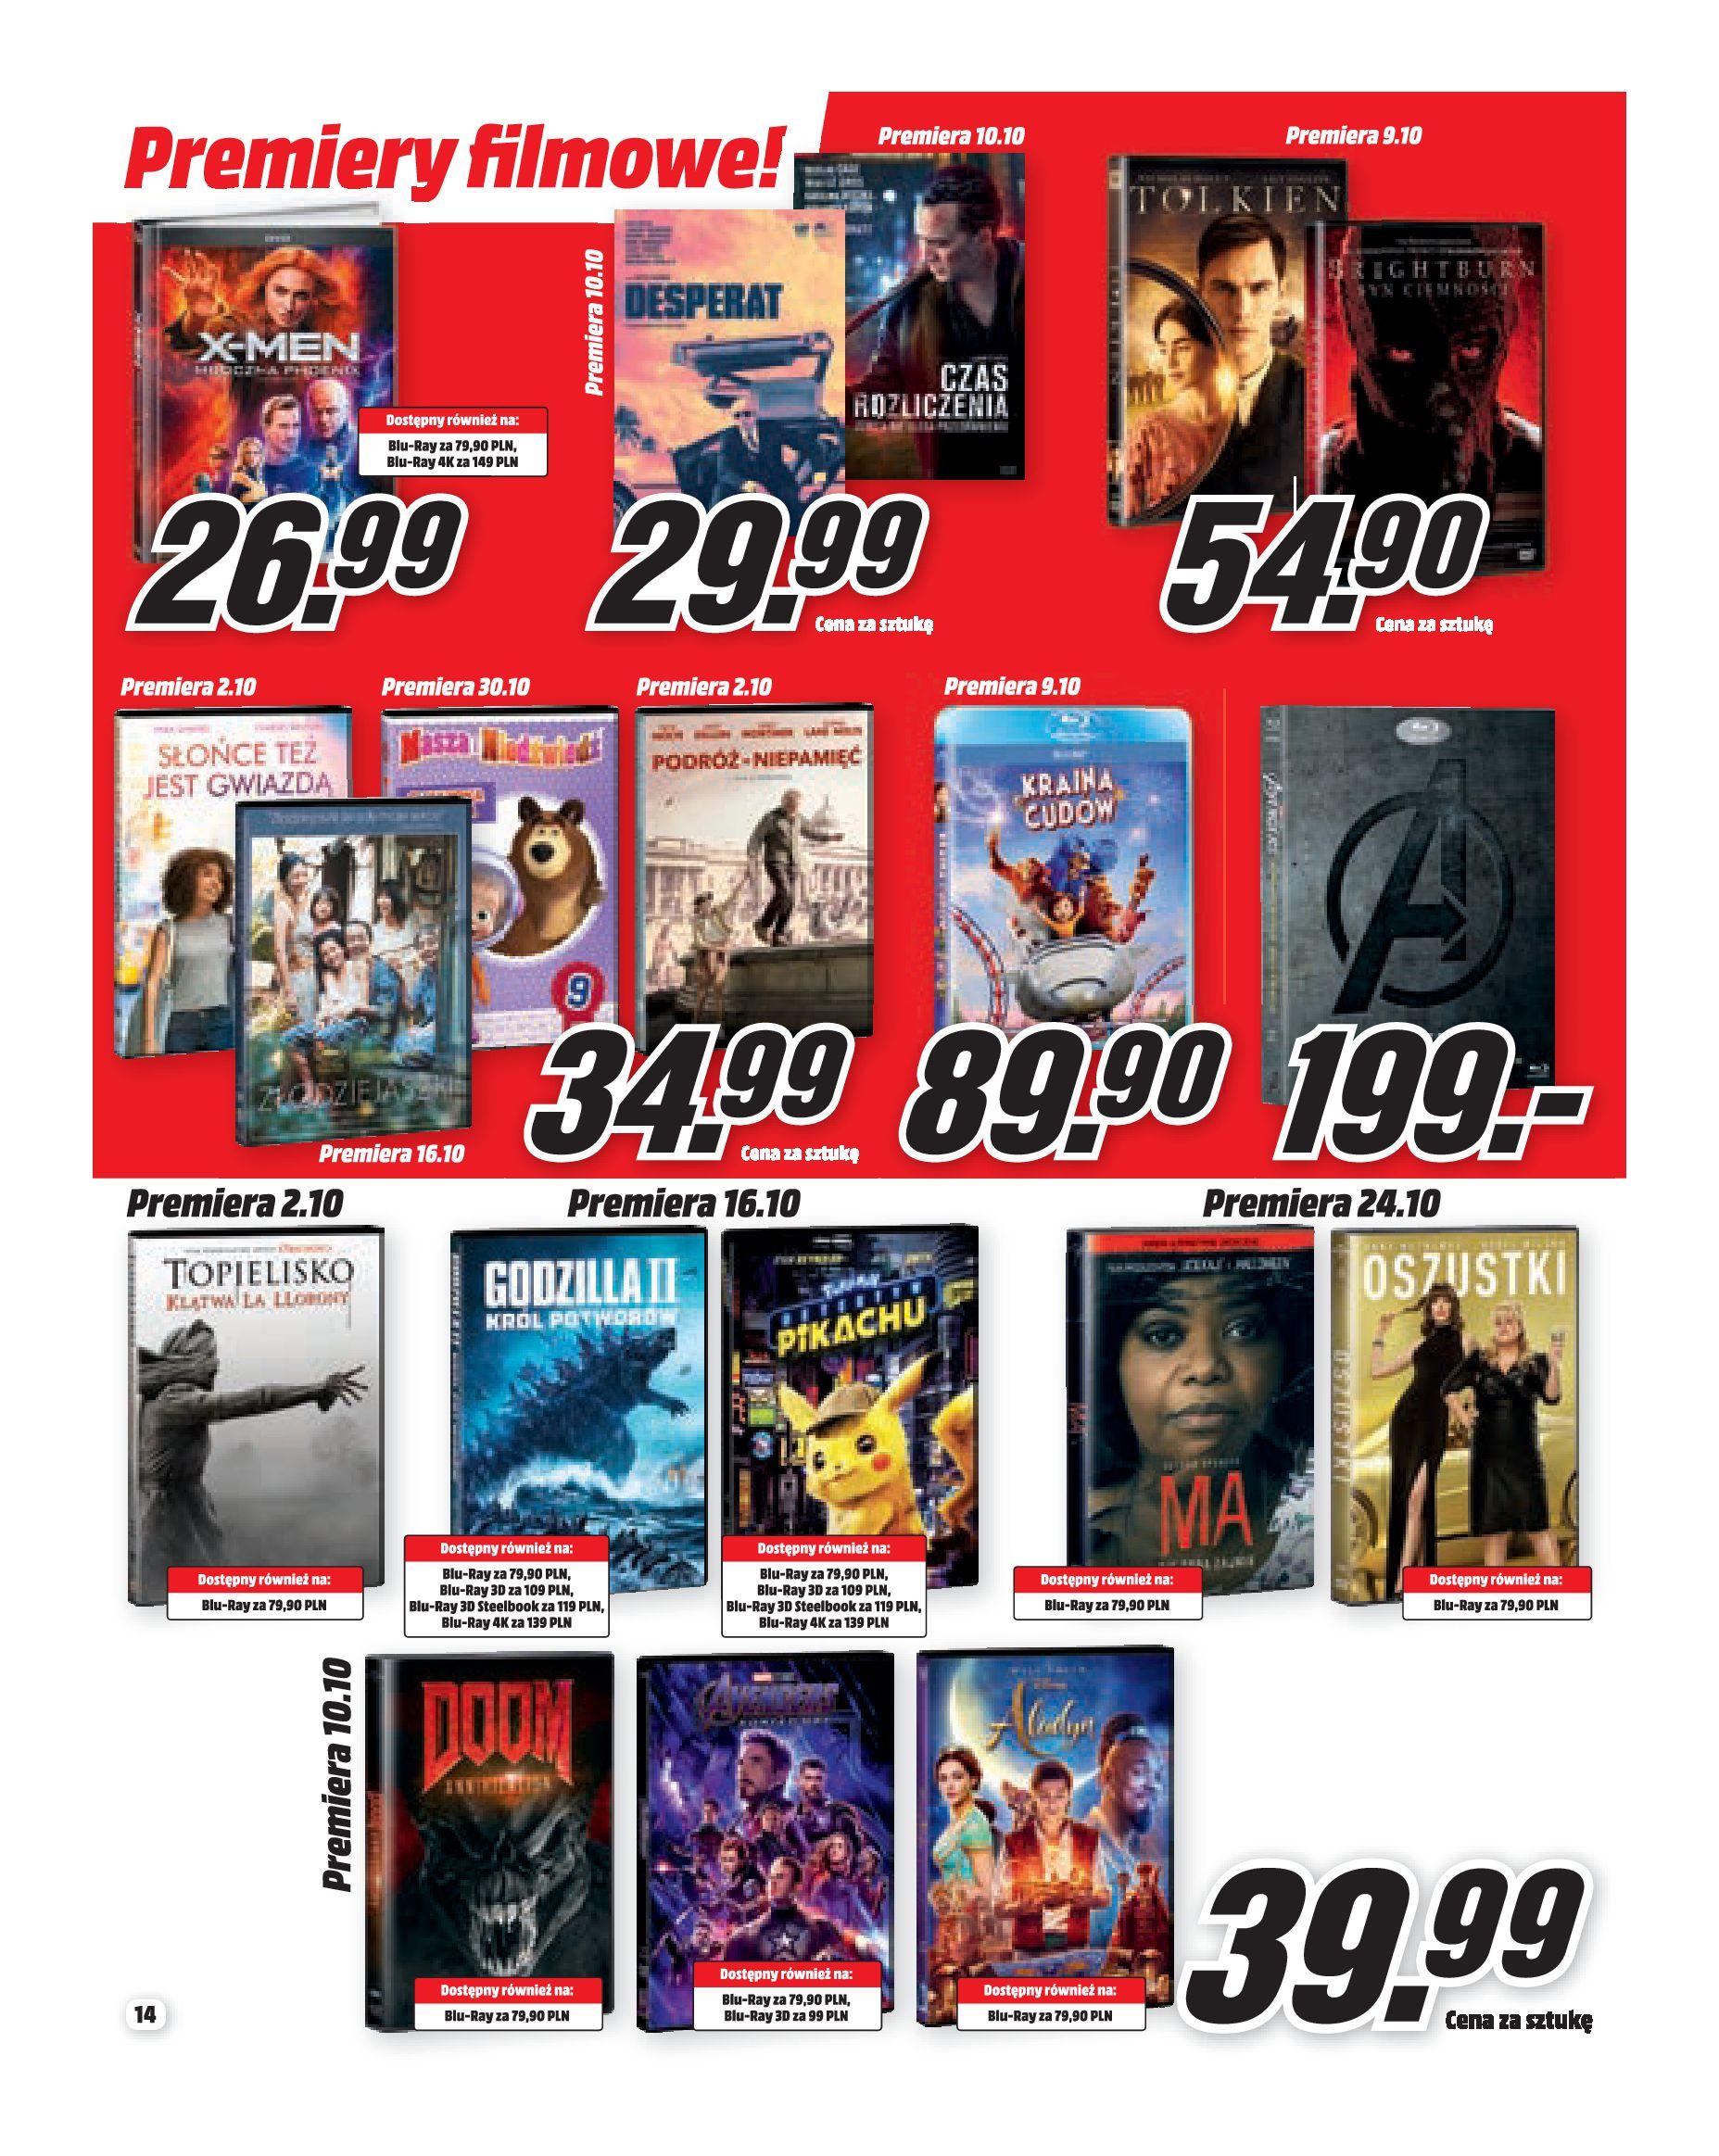 Gazetka Media Markt - Co słychać w rozrywce?-30.09.2019-31.10.2019-page-14